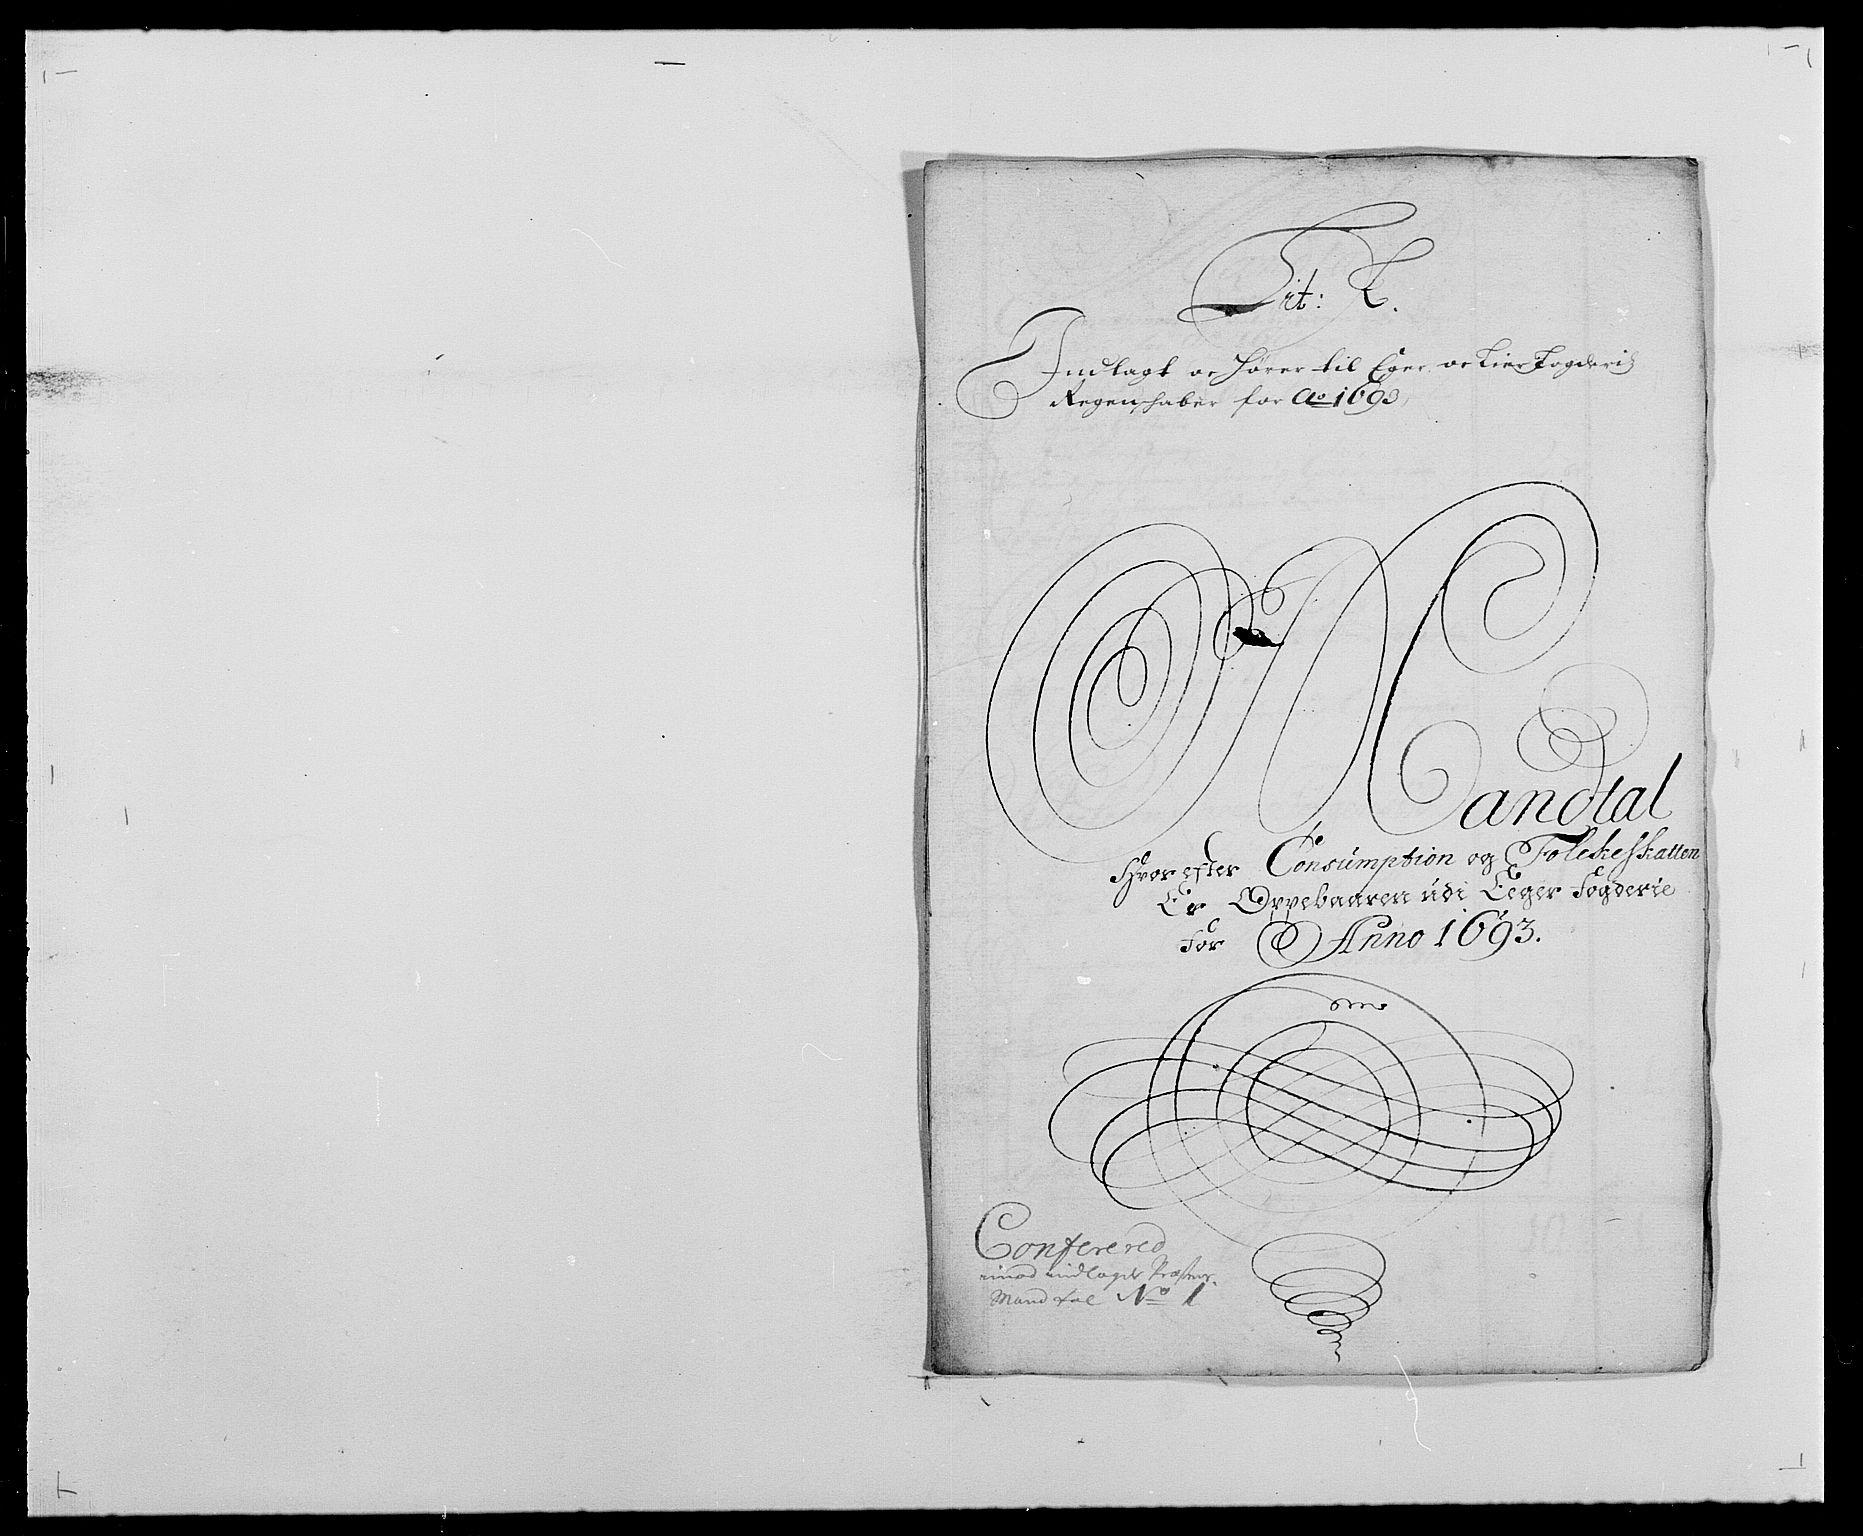 RA, Rentekammeret inntil 1814, Reviderte regnskaper, Fogderegnskap, R28/L1690: Fogderegnskap Eiker og Lier, 1692-1693, s. 213